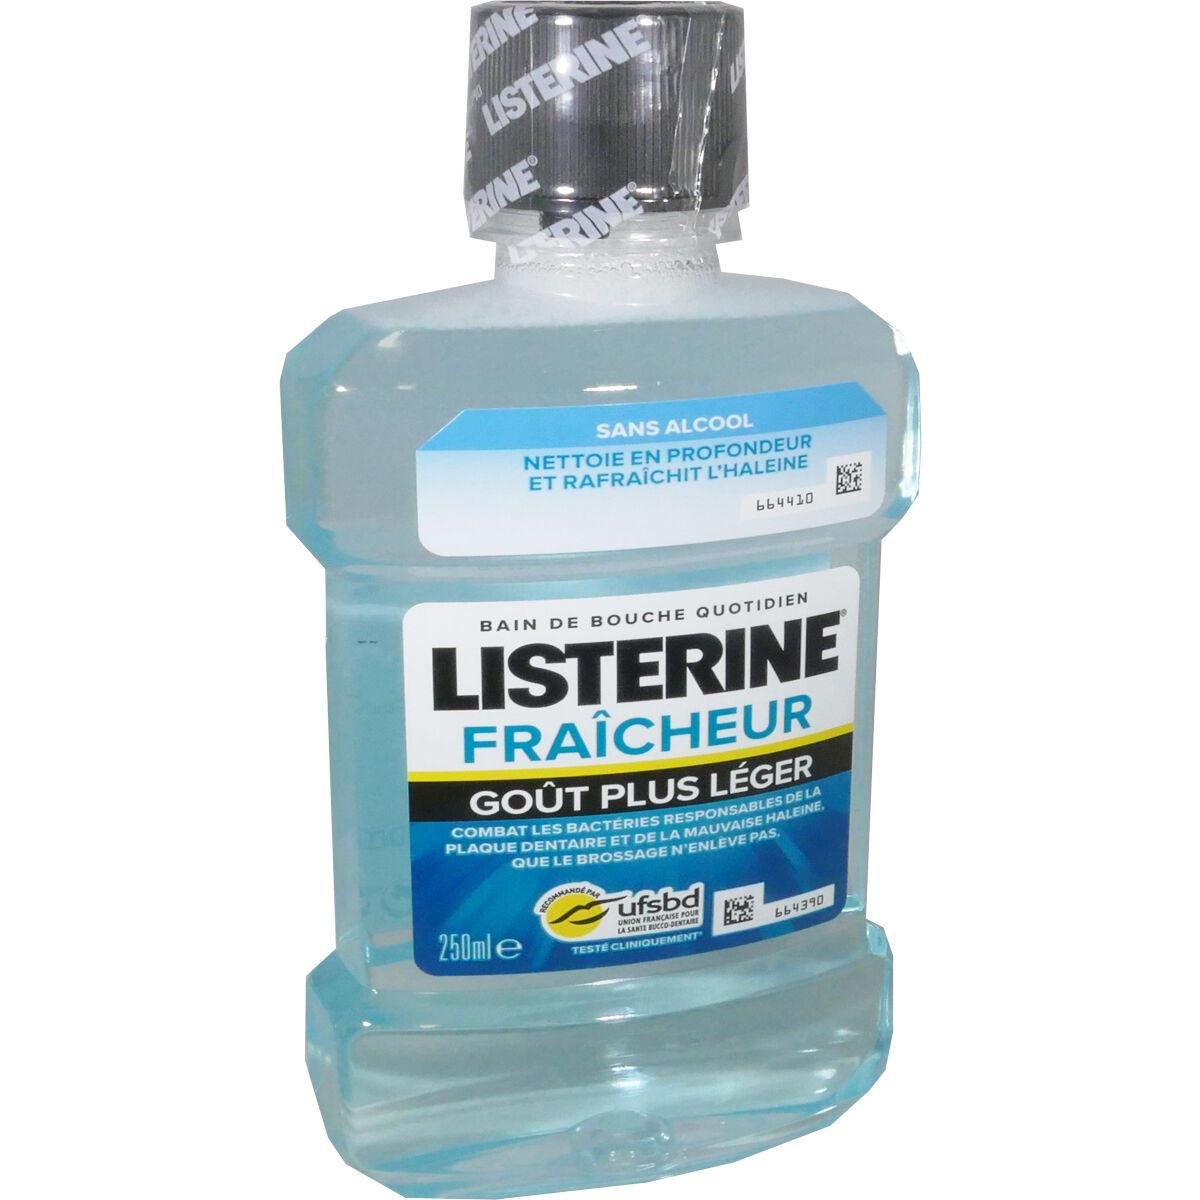 Listerine fraicheur 250 ml